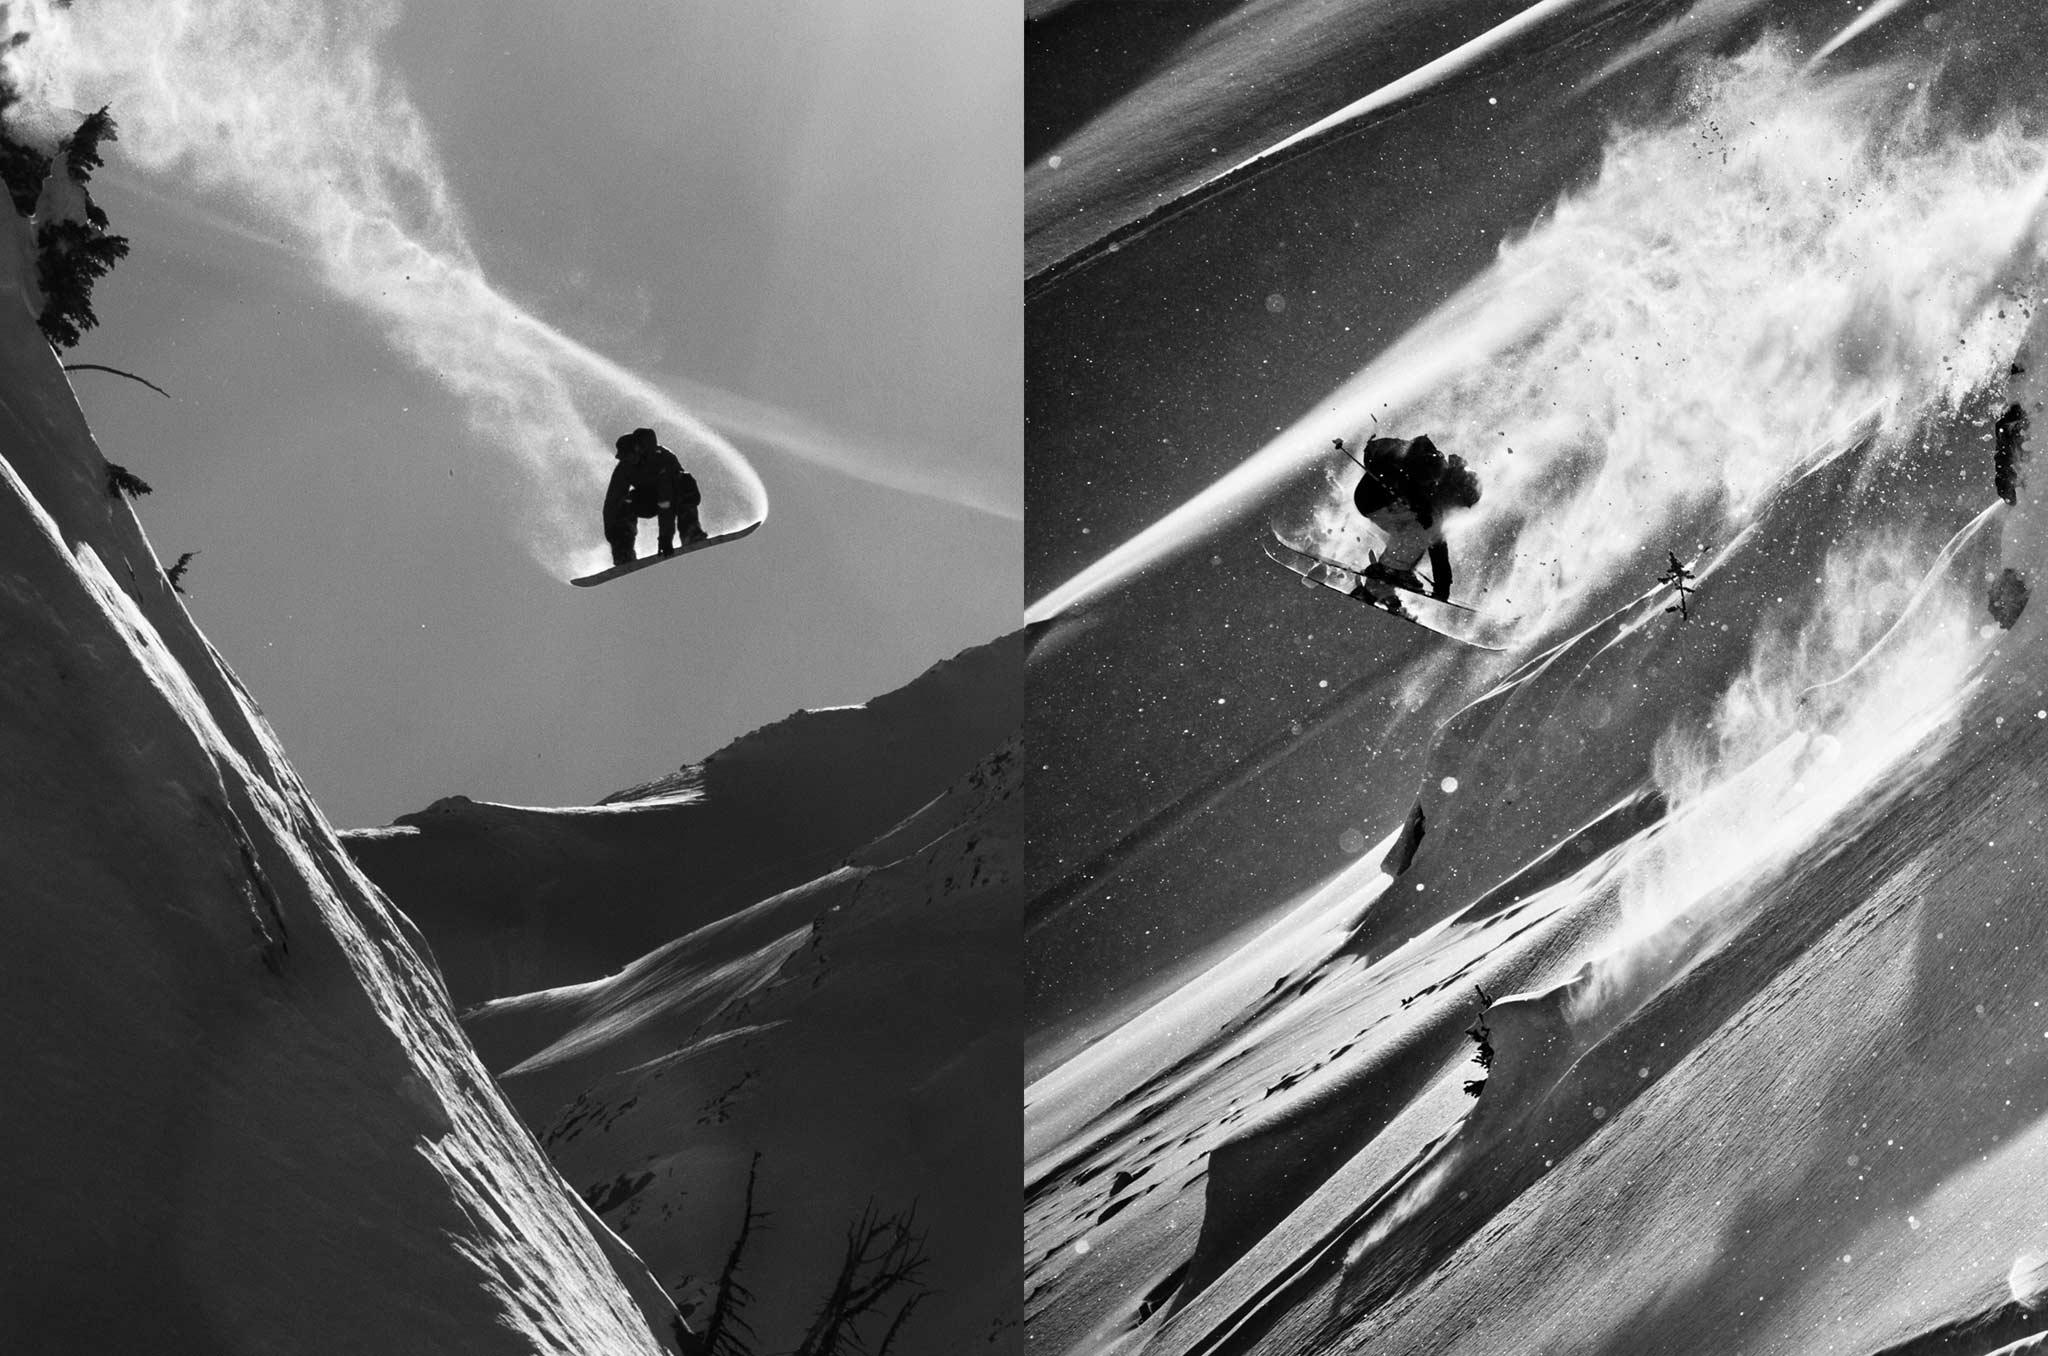 Pro Snowboarder Austin Smith und Pro Skifahrer Eric Pollard